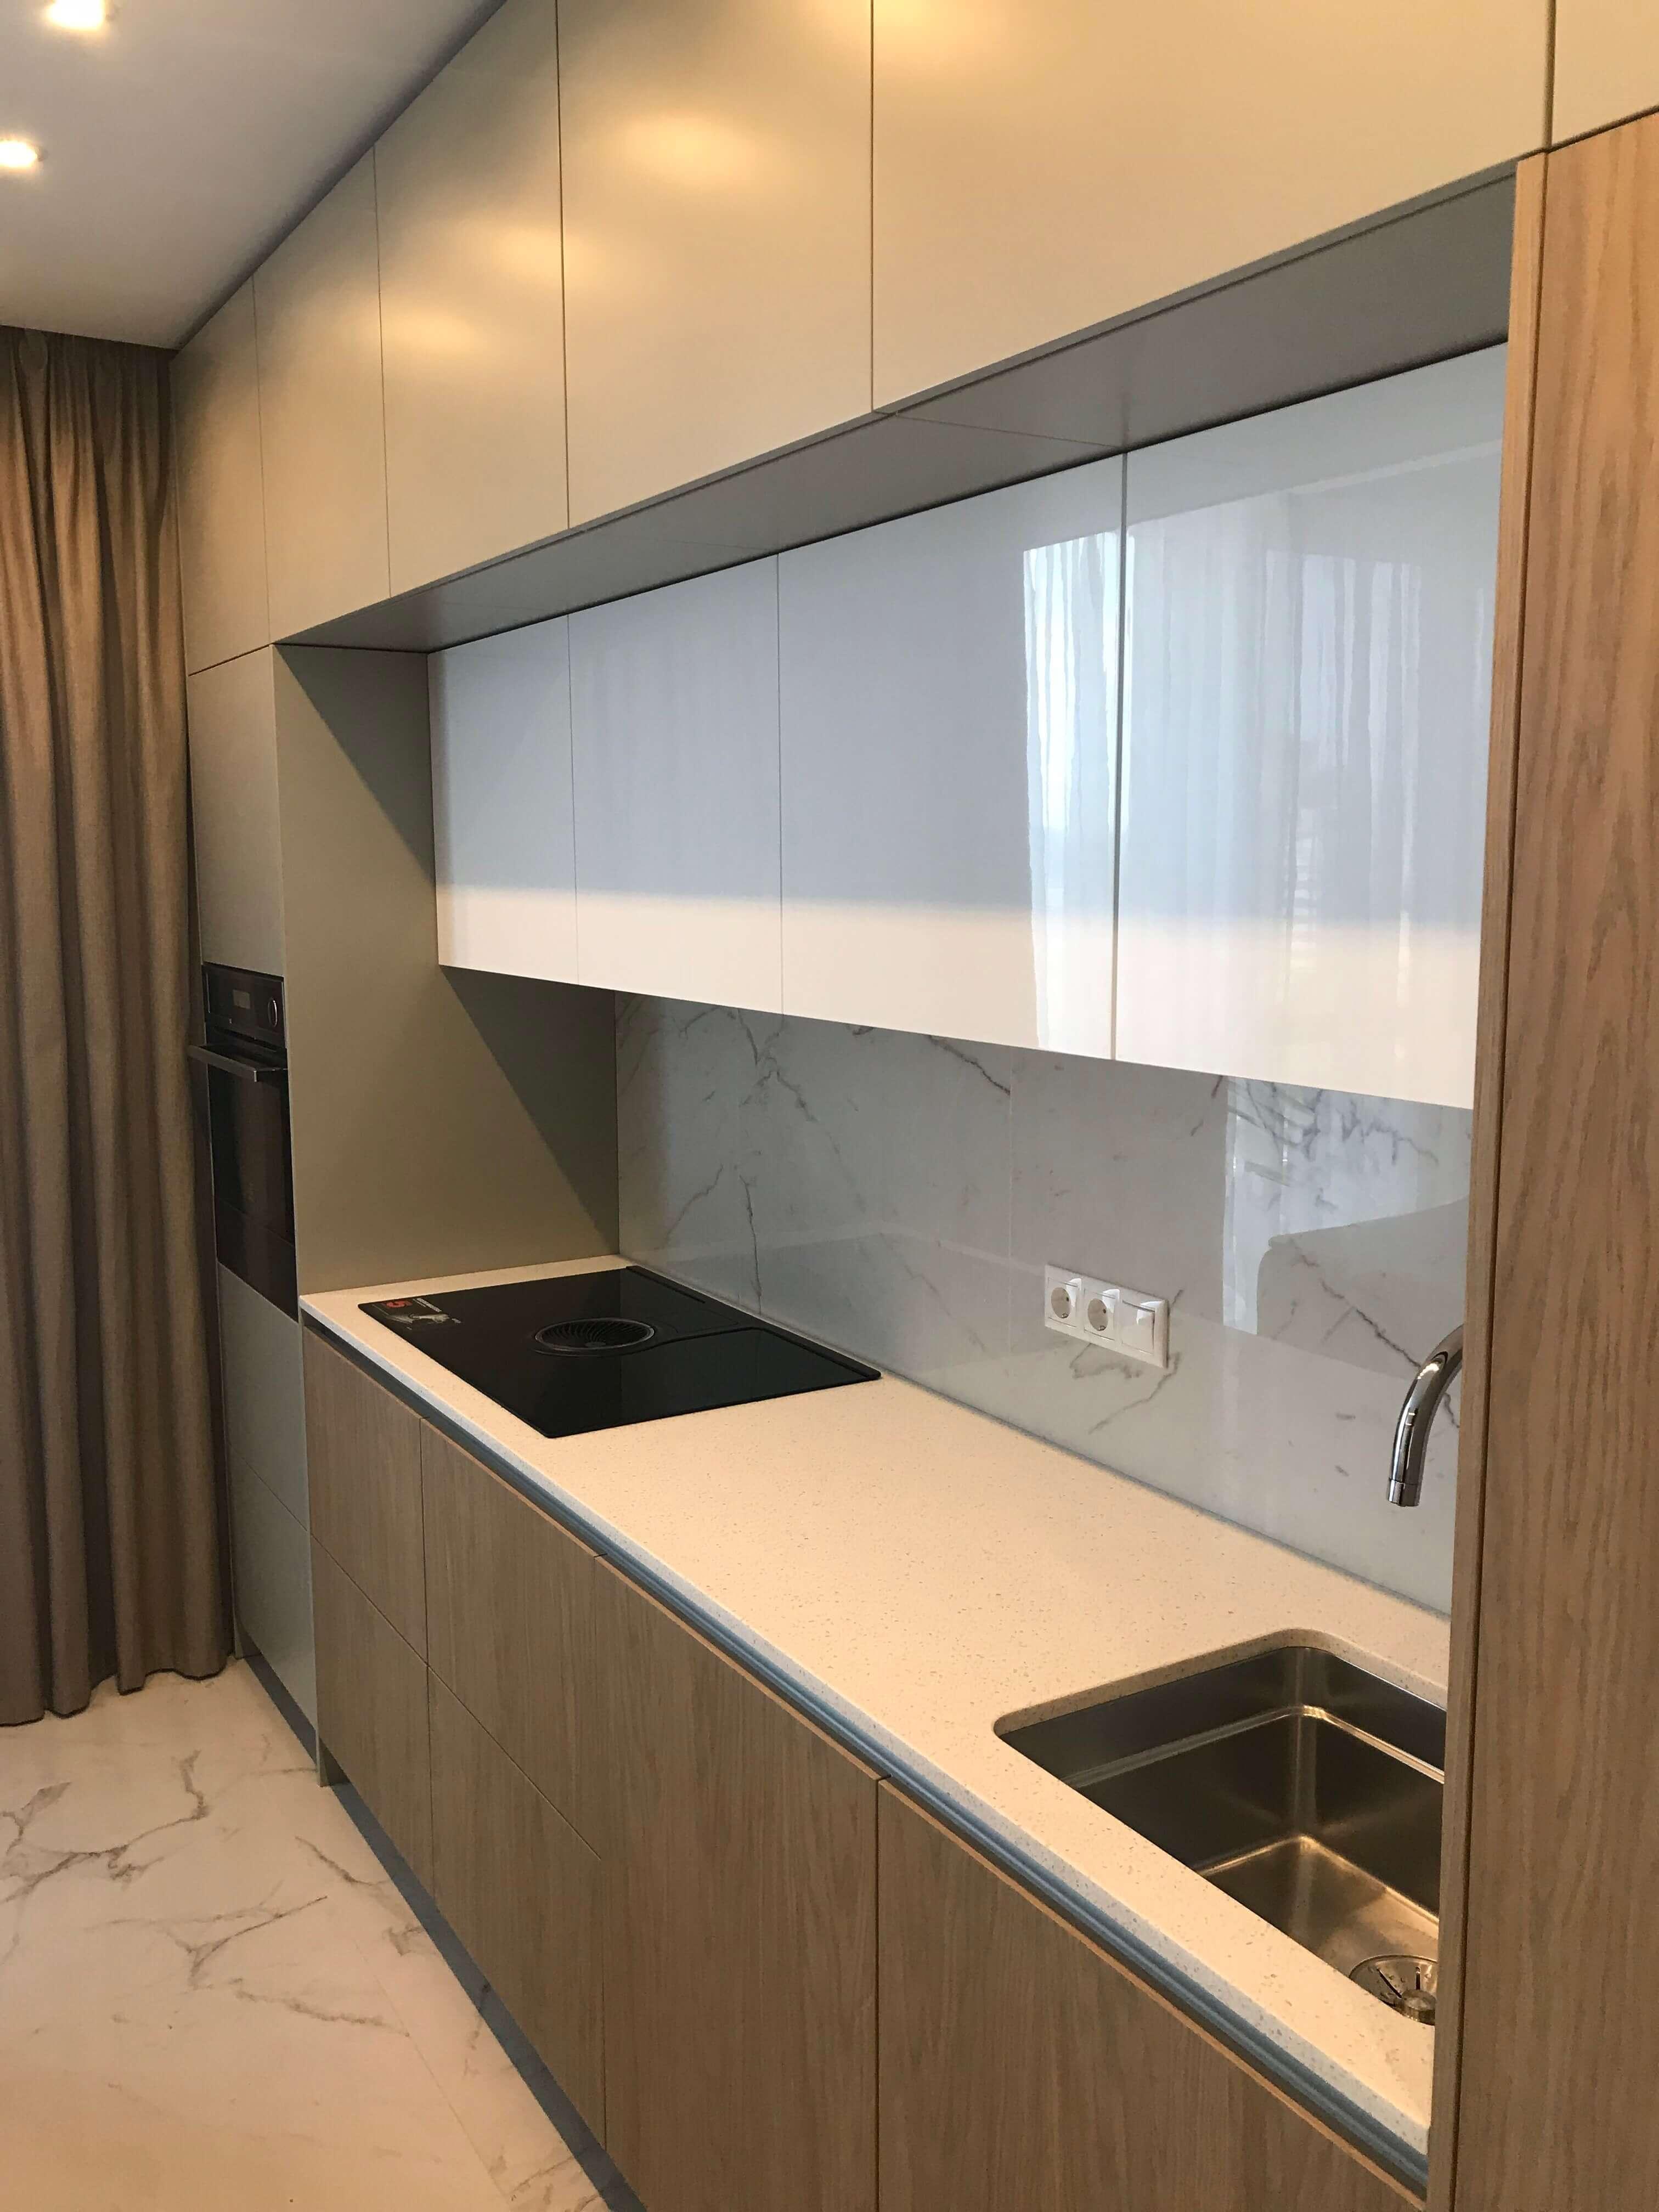 Рабочая поверхность и мебель кухни